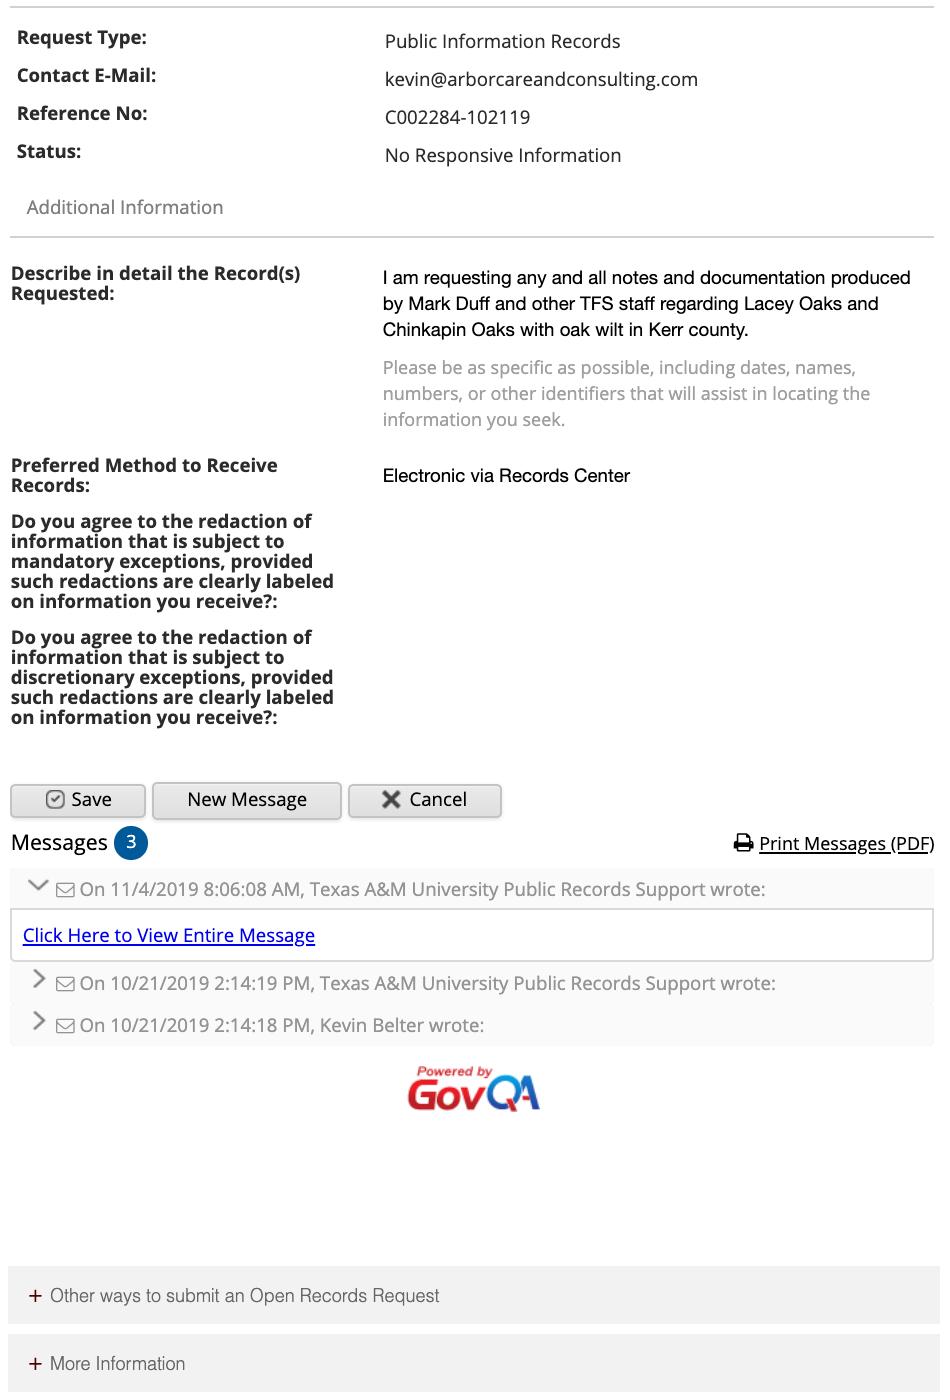 Public Information Act Oak Wilt Image 2